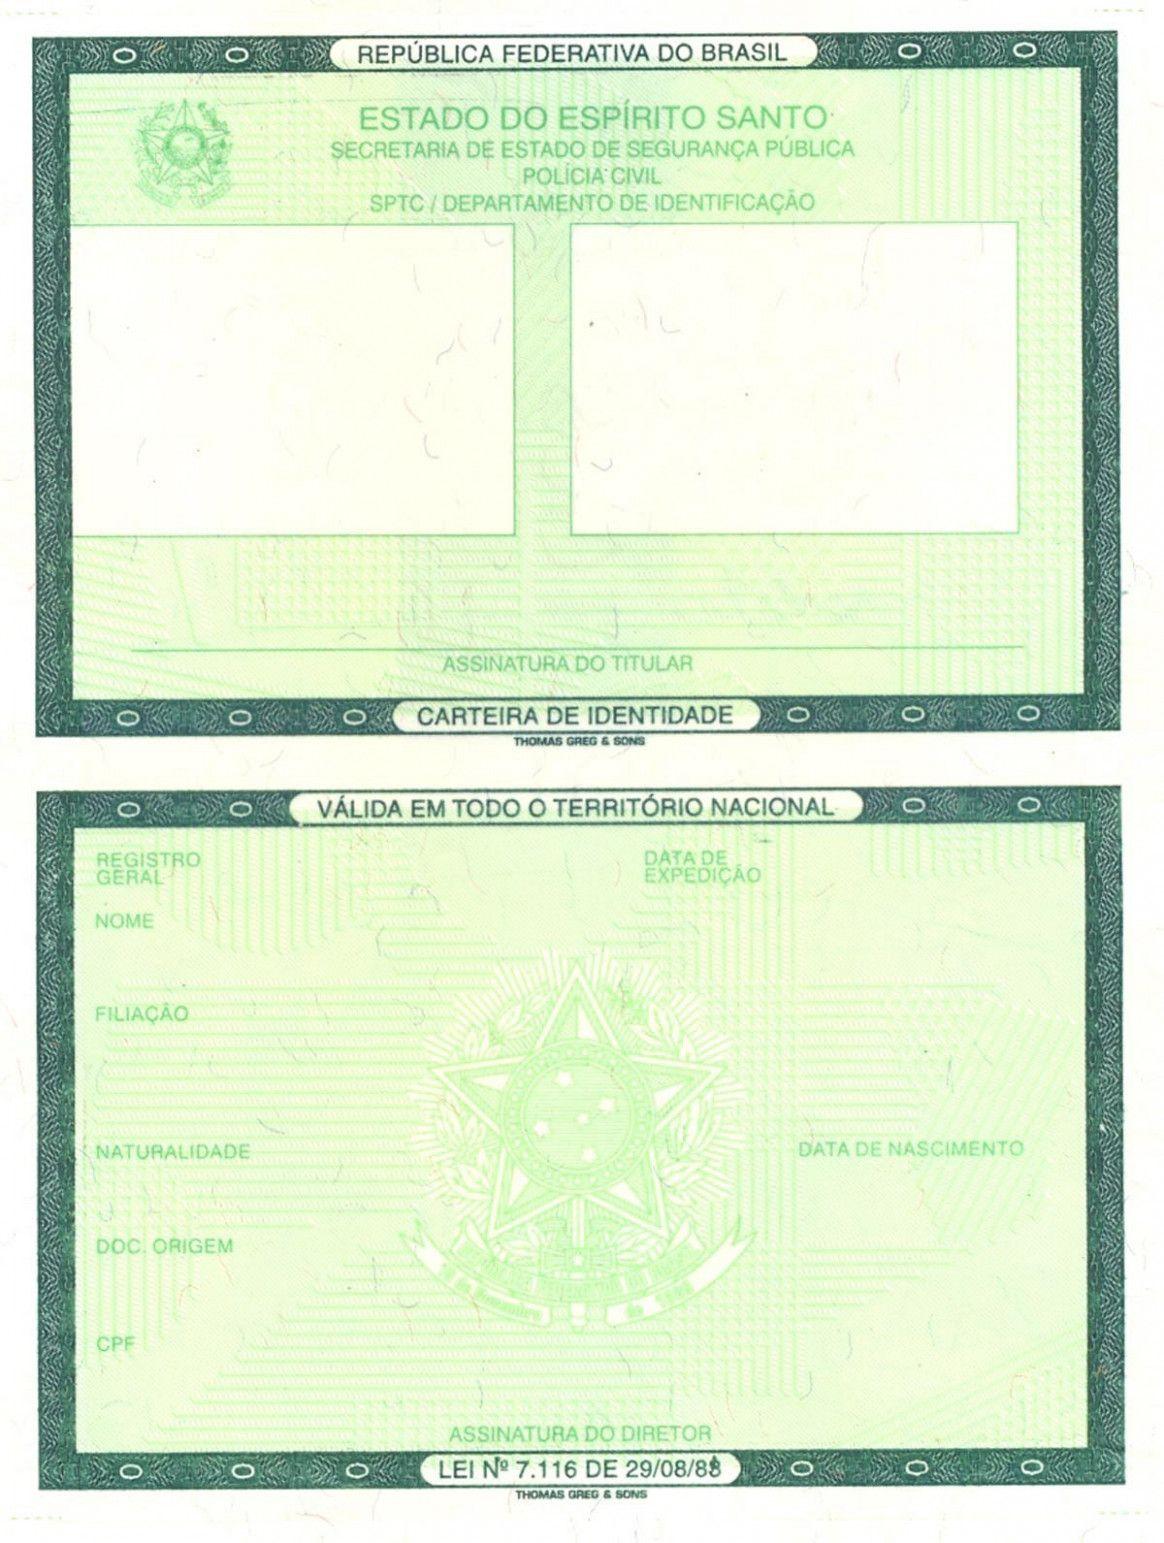 Blank military id card em 2020 carteira de identidade